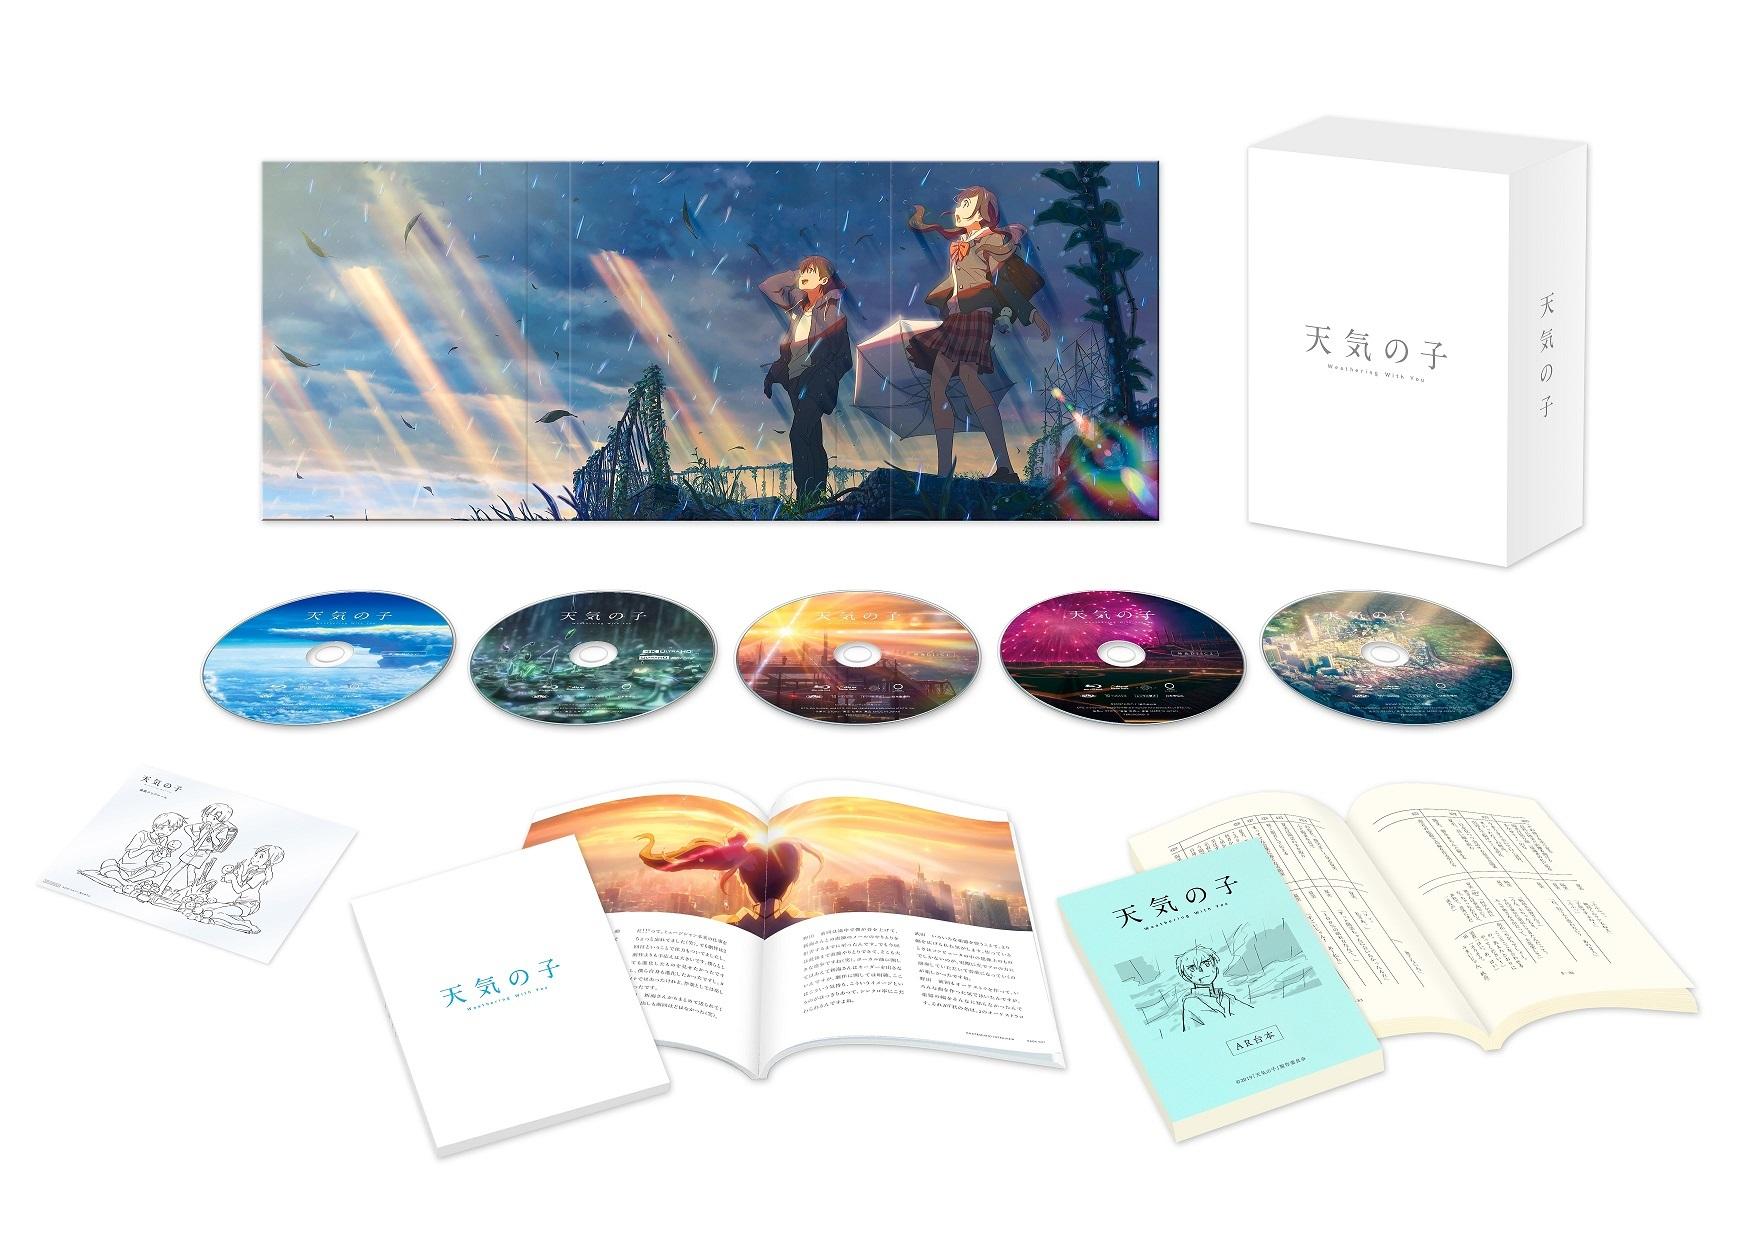 「天気の子」 Blu-ray コレクターズ・エディション 4K Ultra HD Blu-ray 同梱 5 枚組(初回生産限定) (C)2019「天気の子」製作委員会